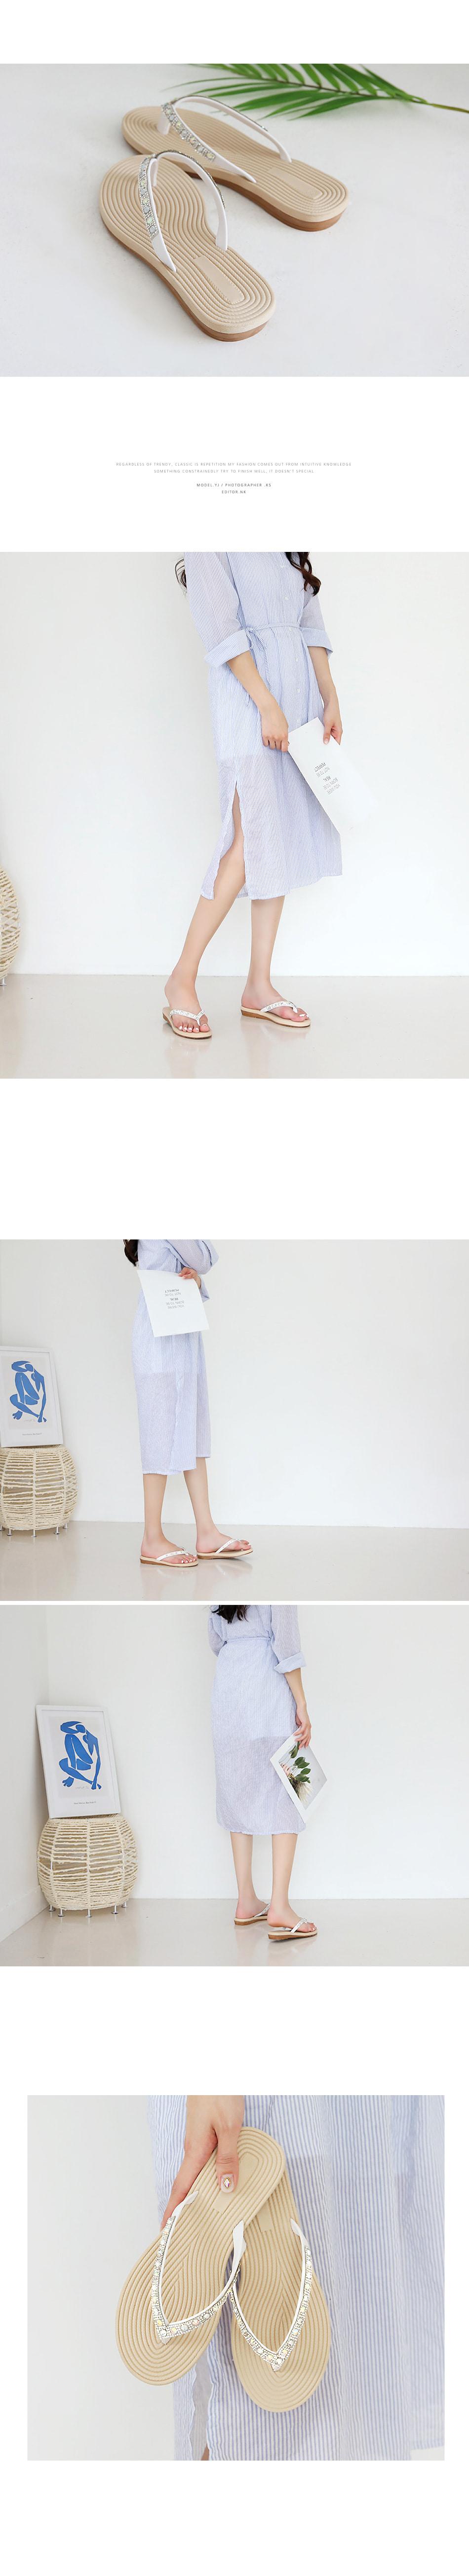 Nellon slippers 2cm